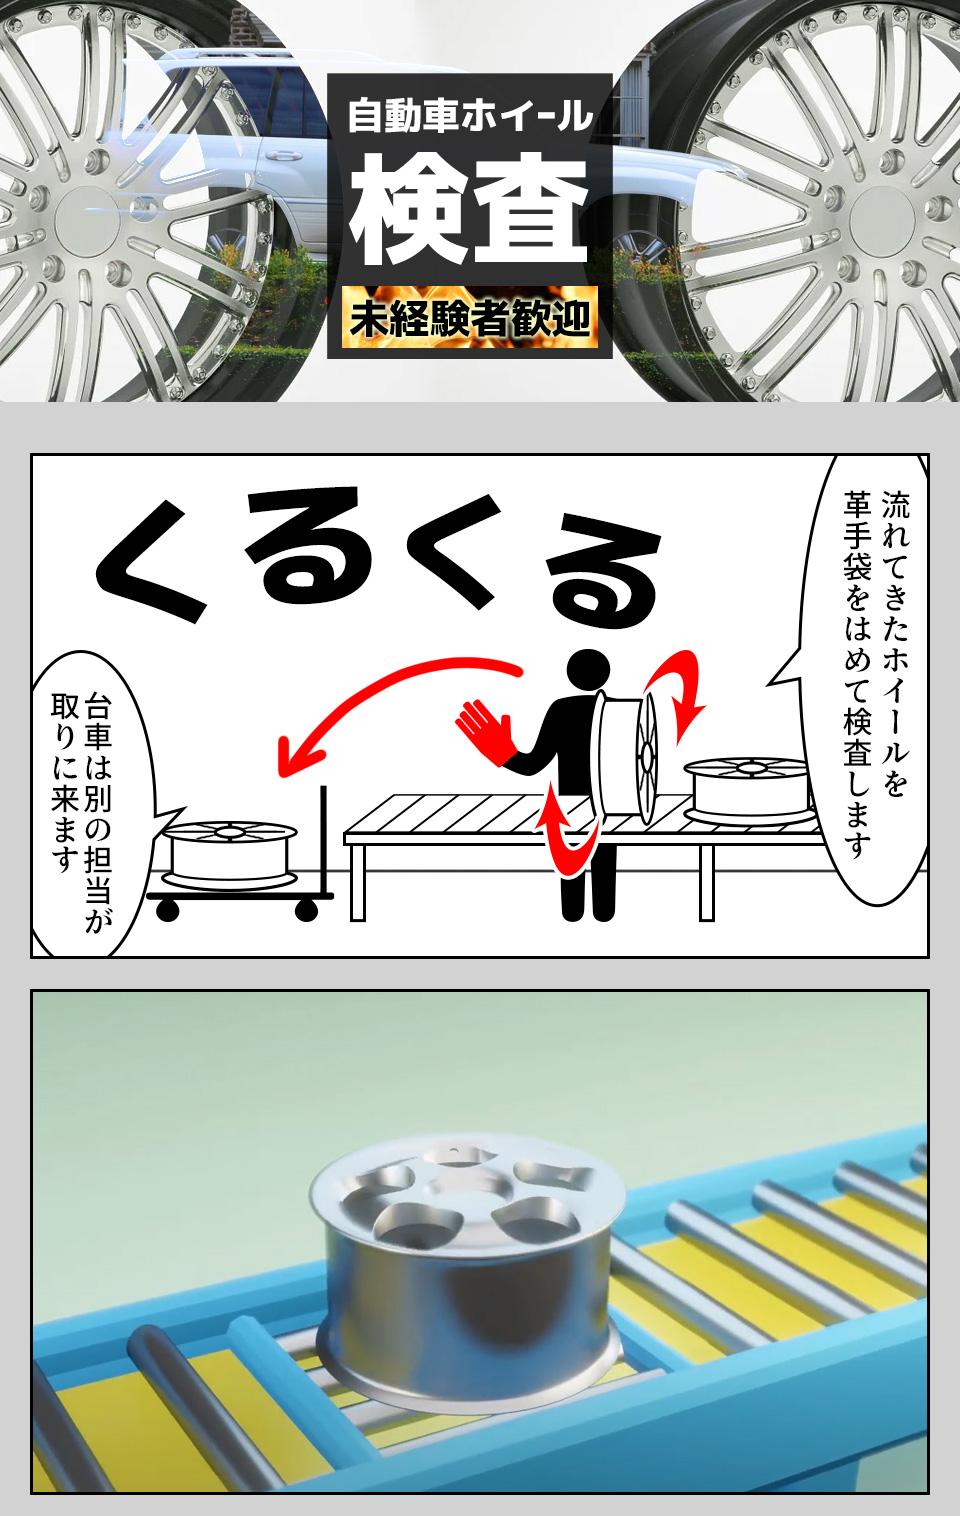 ホイールの検査 愛知県西尾市の派遣社員求人